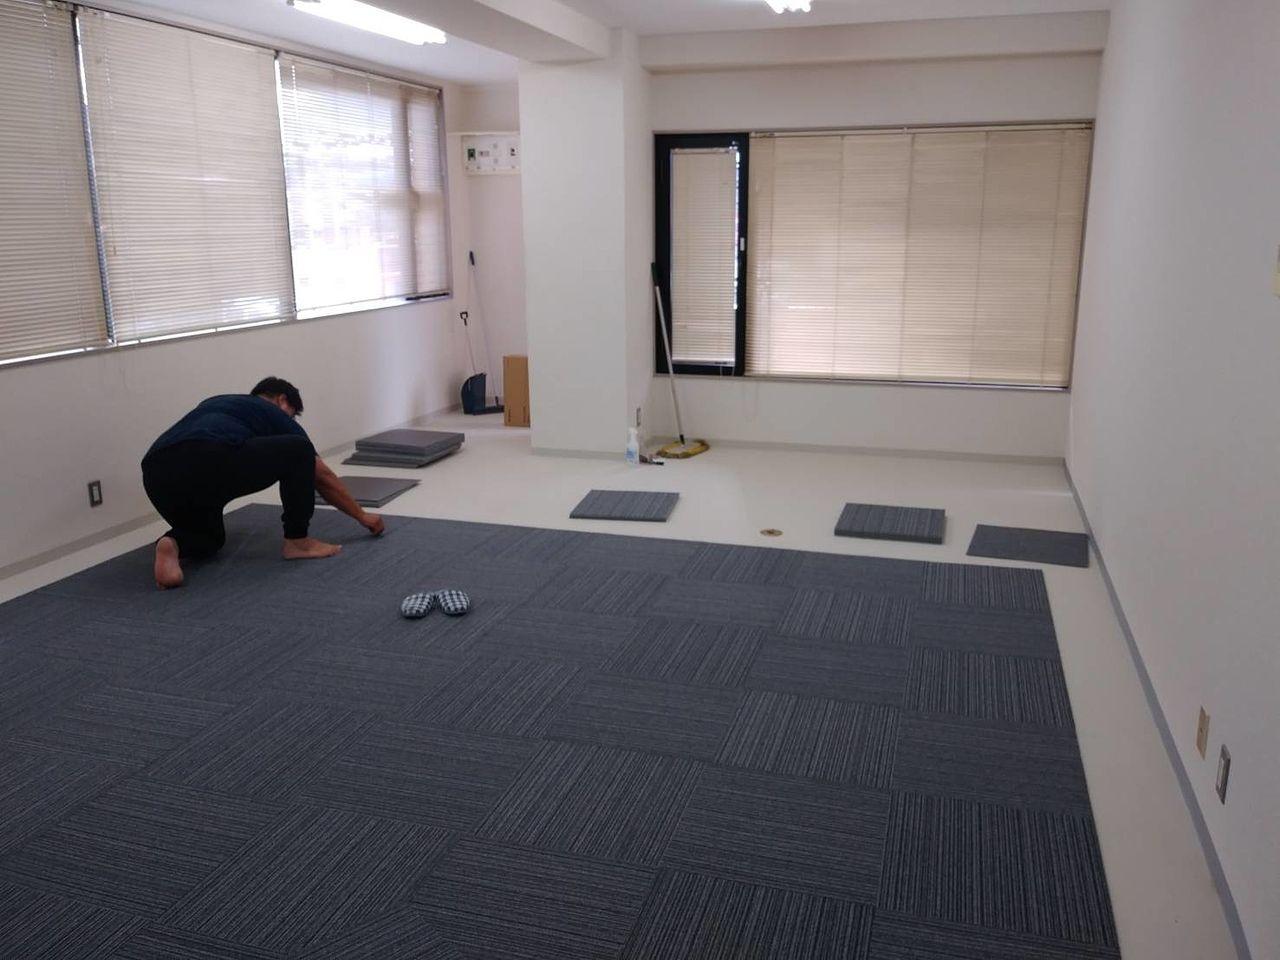 50cm角のタイルカーペットを隙間が開かないように敷き詰めて行きます。今回は接着なしの施工です。